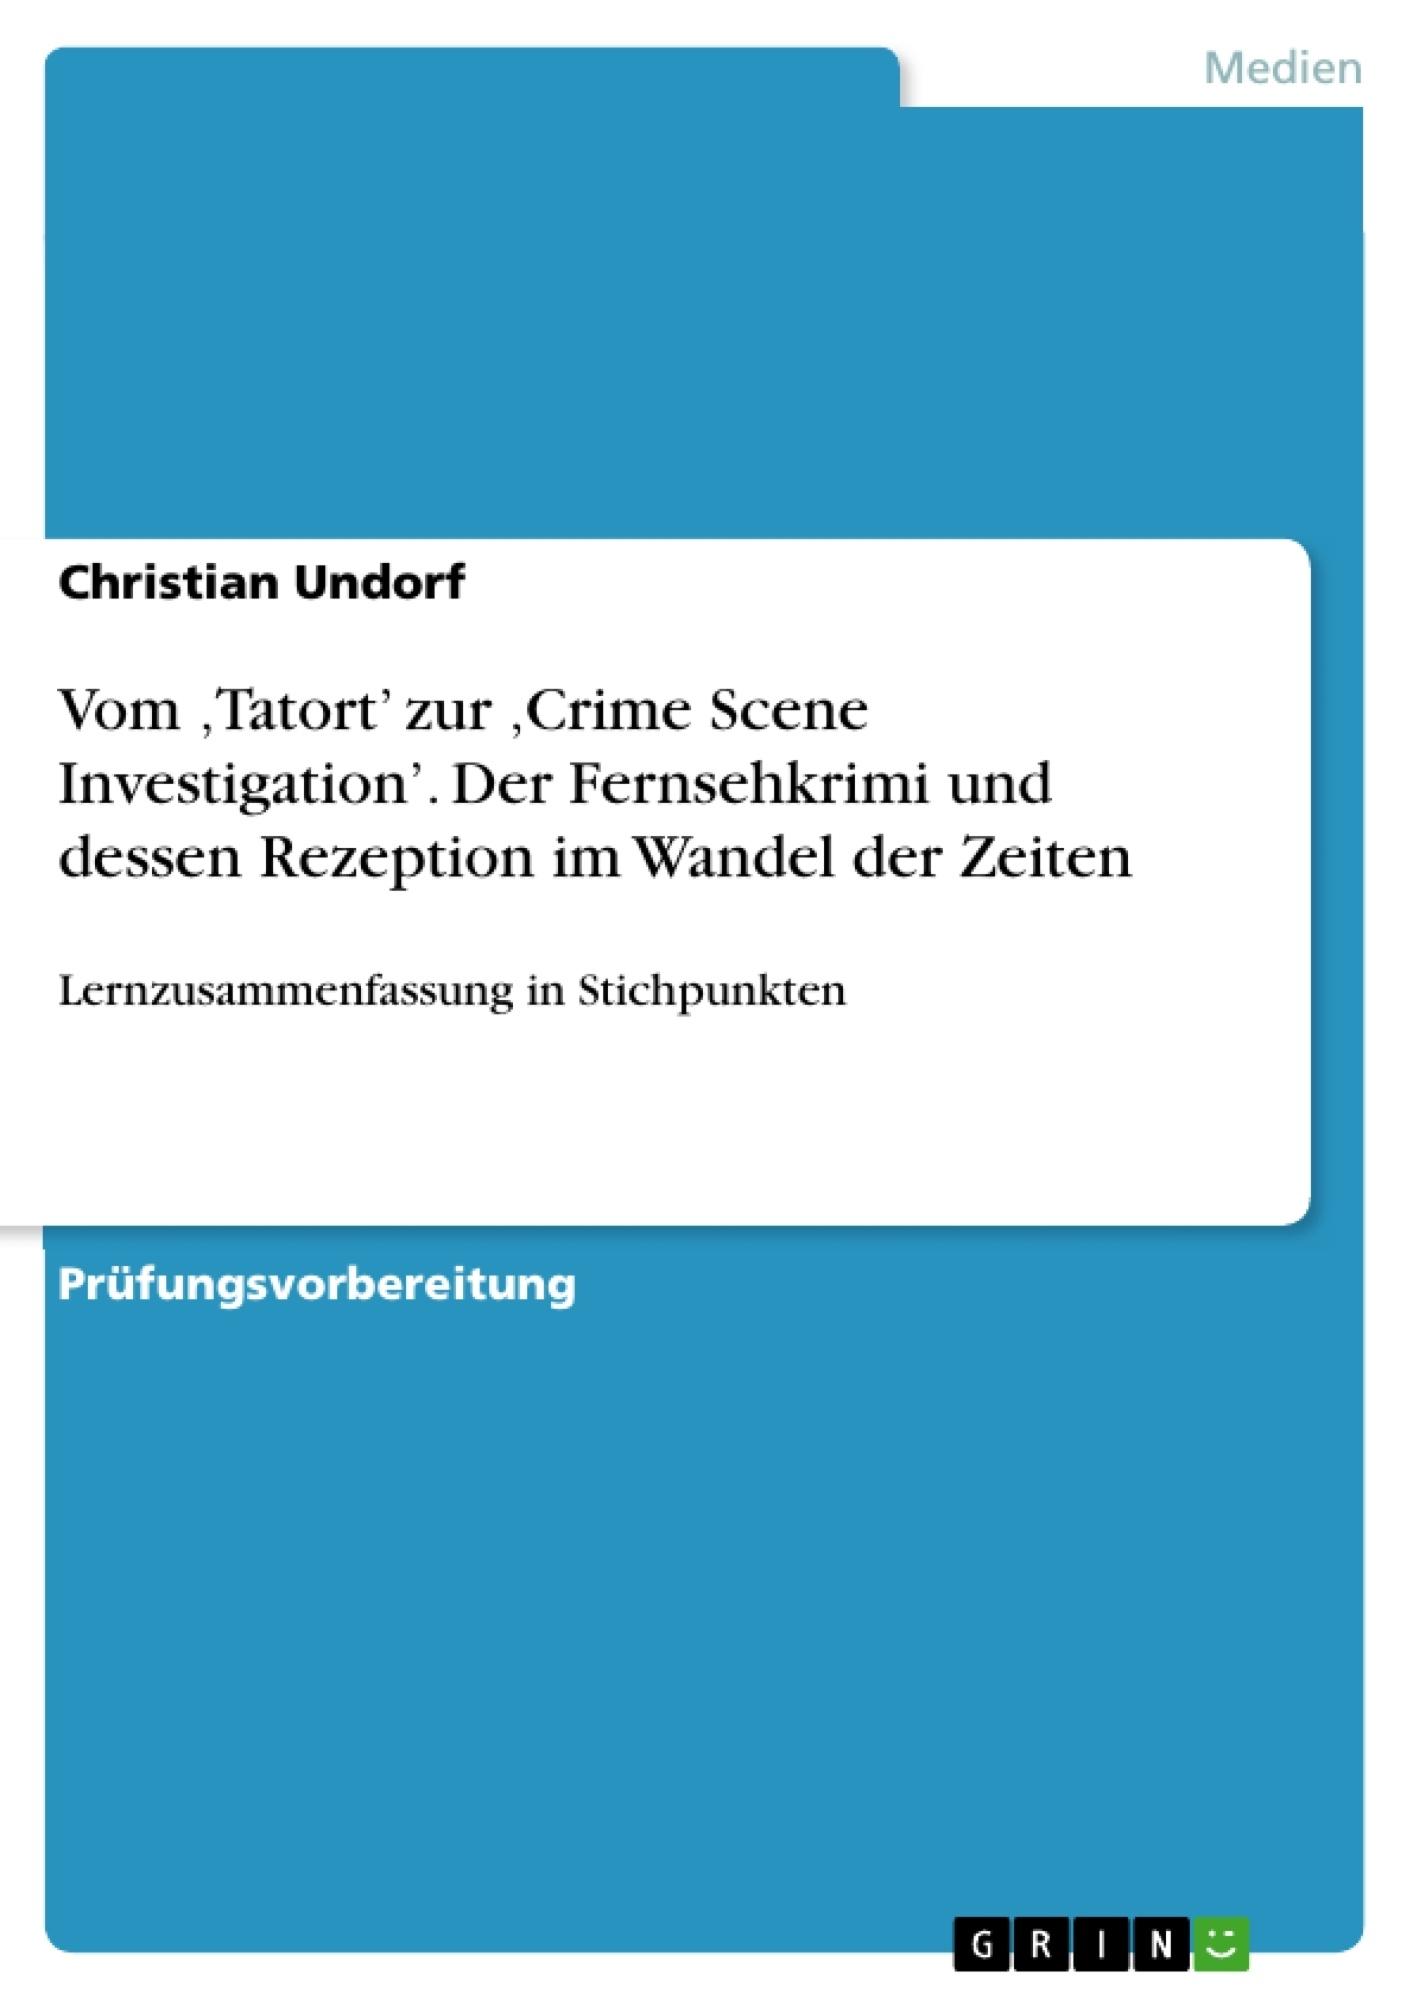 Titel: Vom 'Tatort' zur 'Crime Scene Investigation'. Der Fernsehkrimi und dessen Rezeption im Wandel der Zeiten